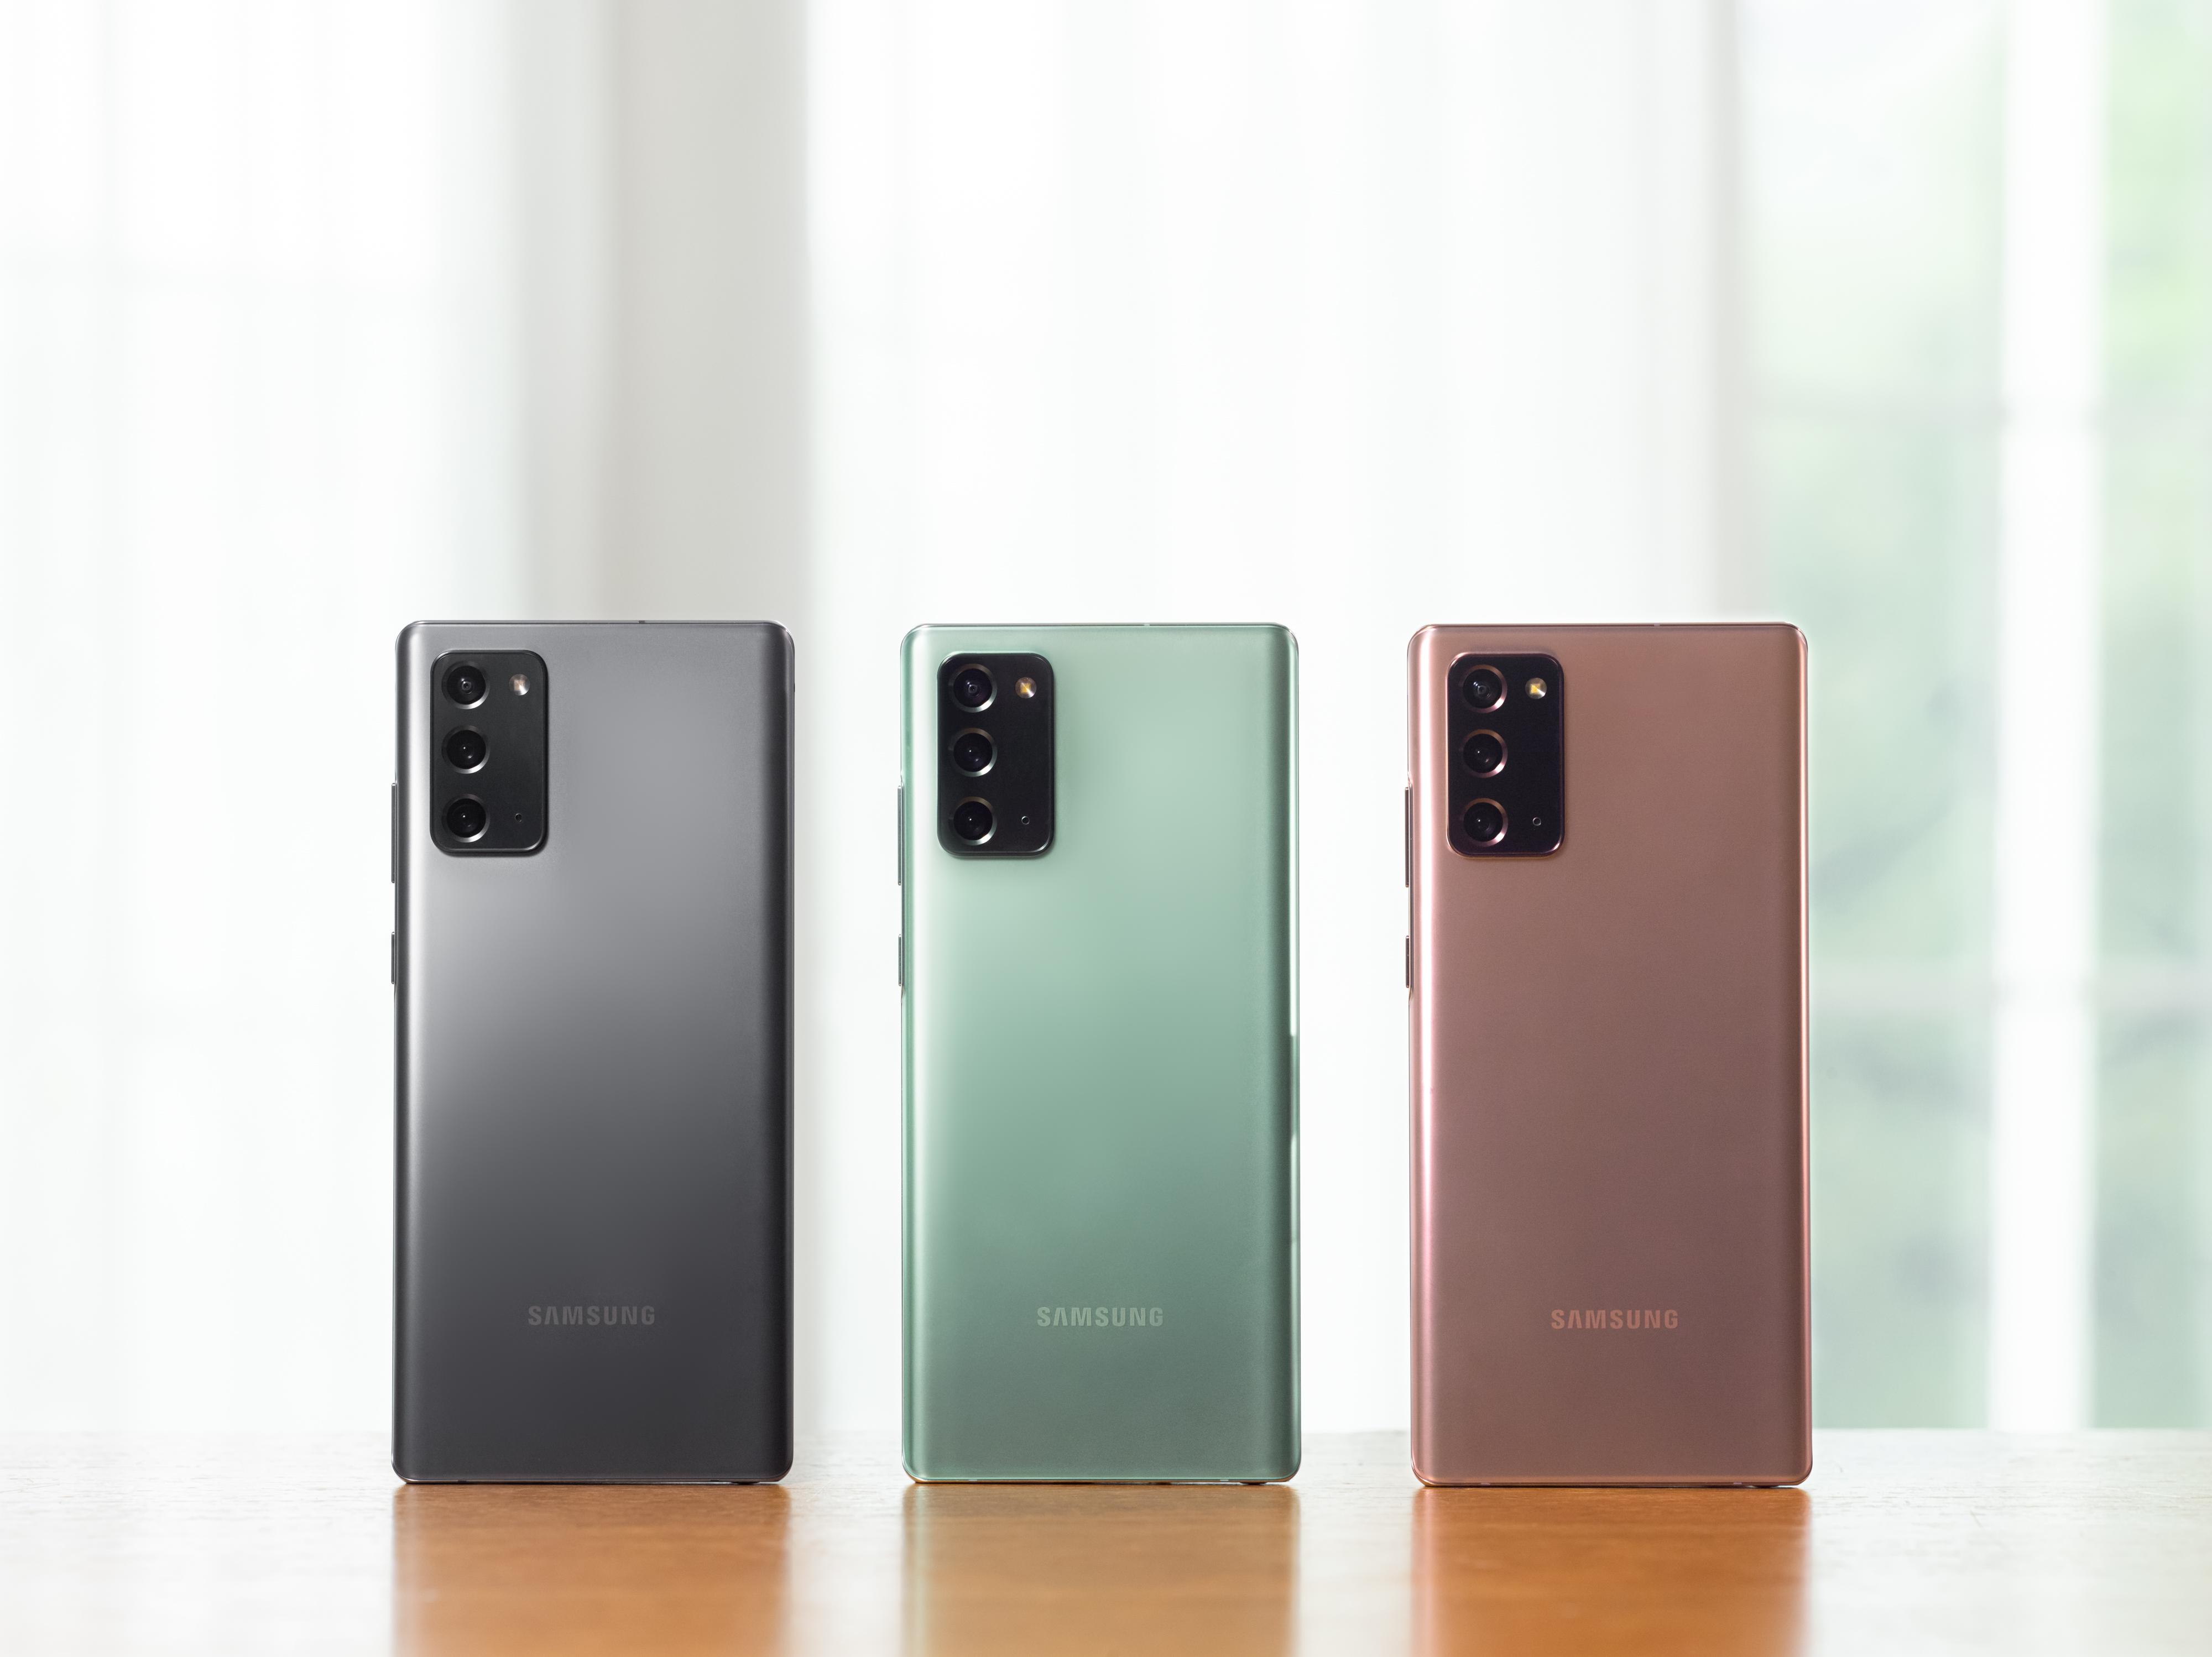 Samsung și-a lansat cele mai bune telefoane, seria Galaxy Note 20. Cameră uimitoare de 108 MP